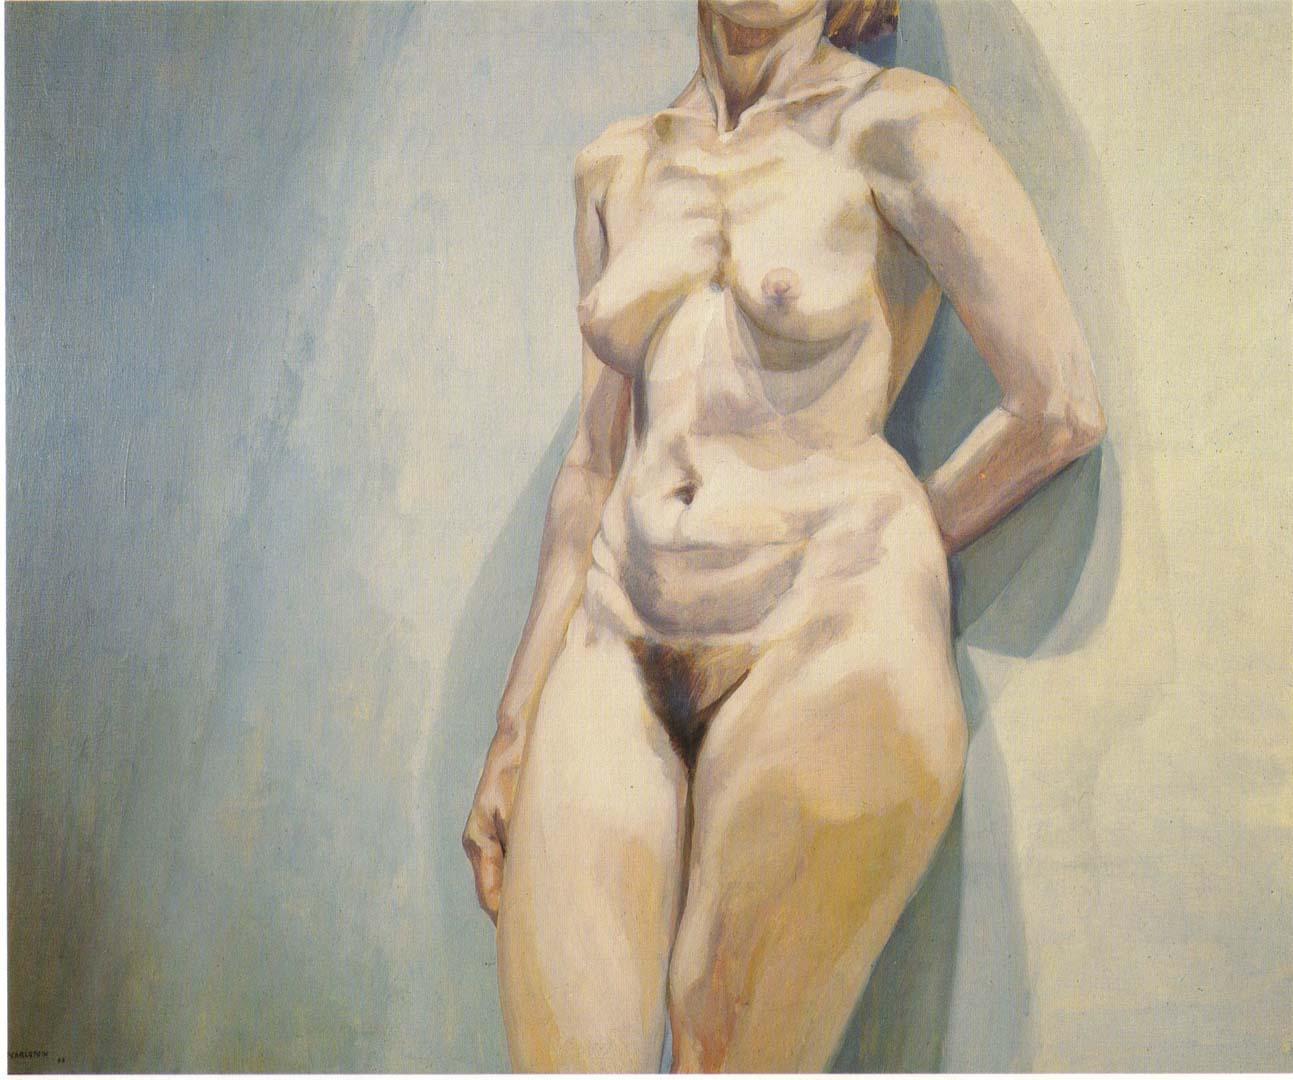 1963 Torso Oil on Canvas 36 x 44